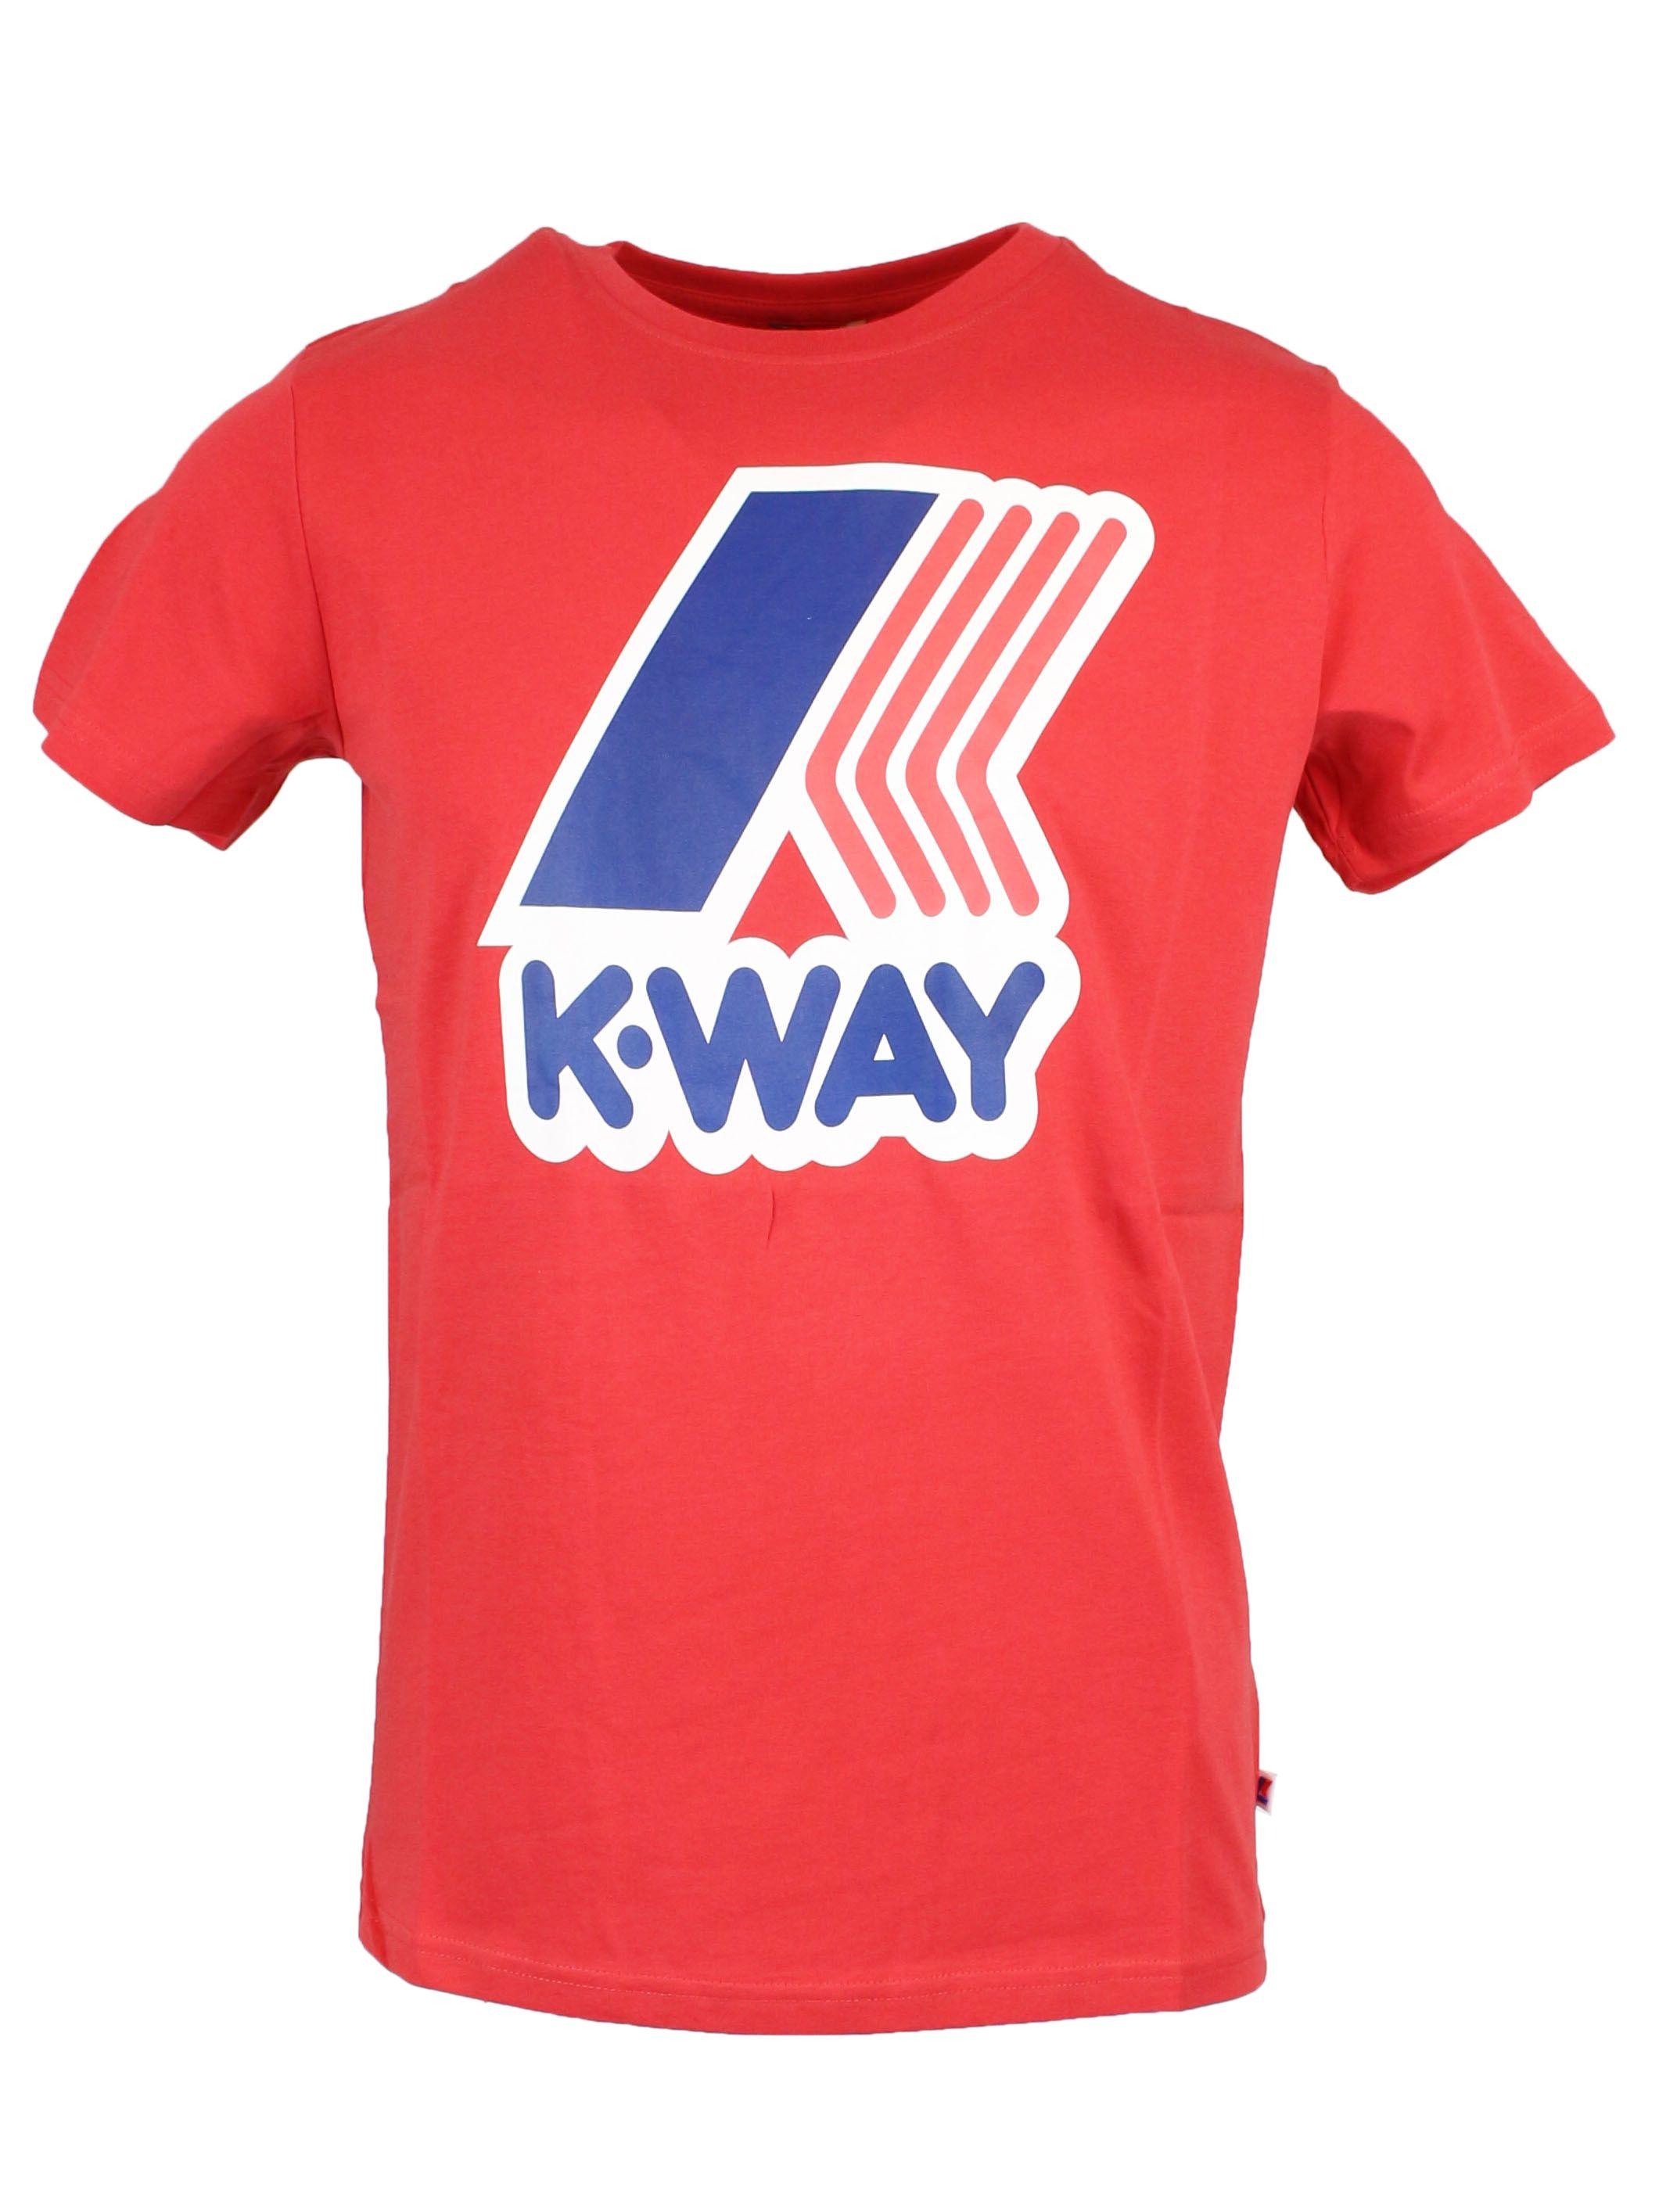 K-way Men's Red Cotton T-shirt